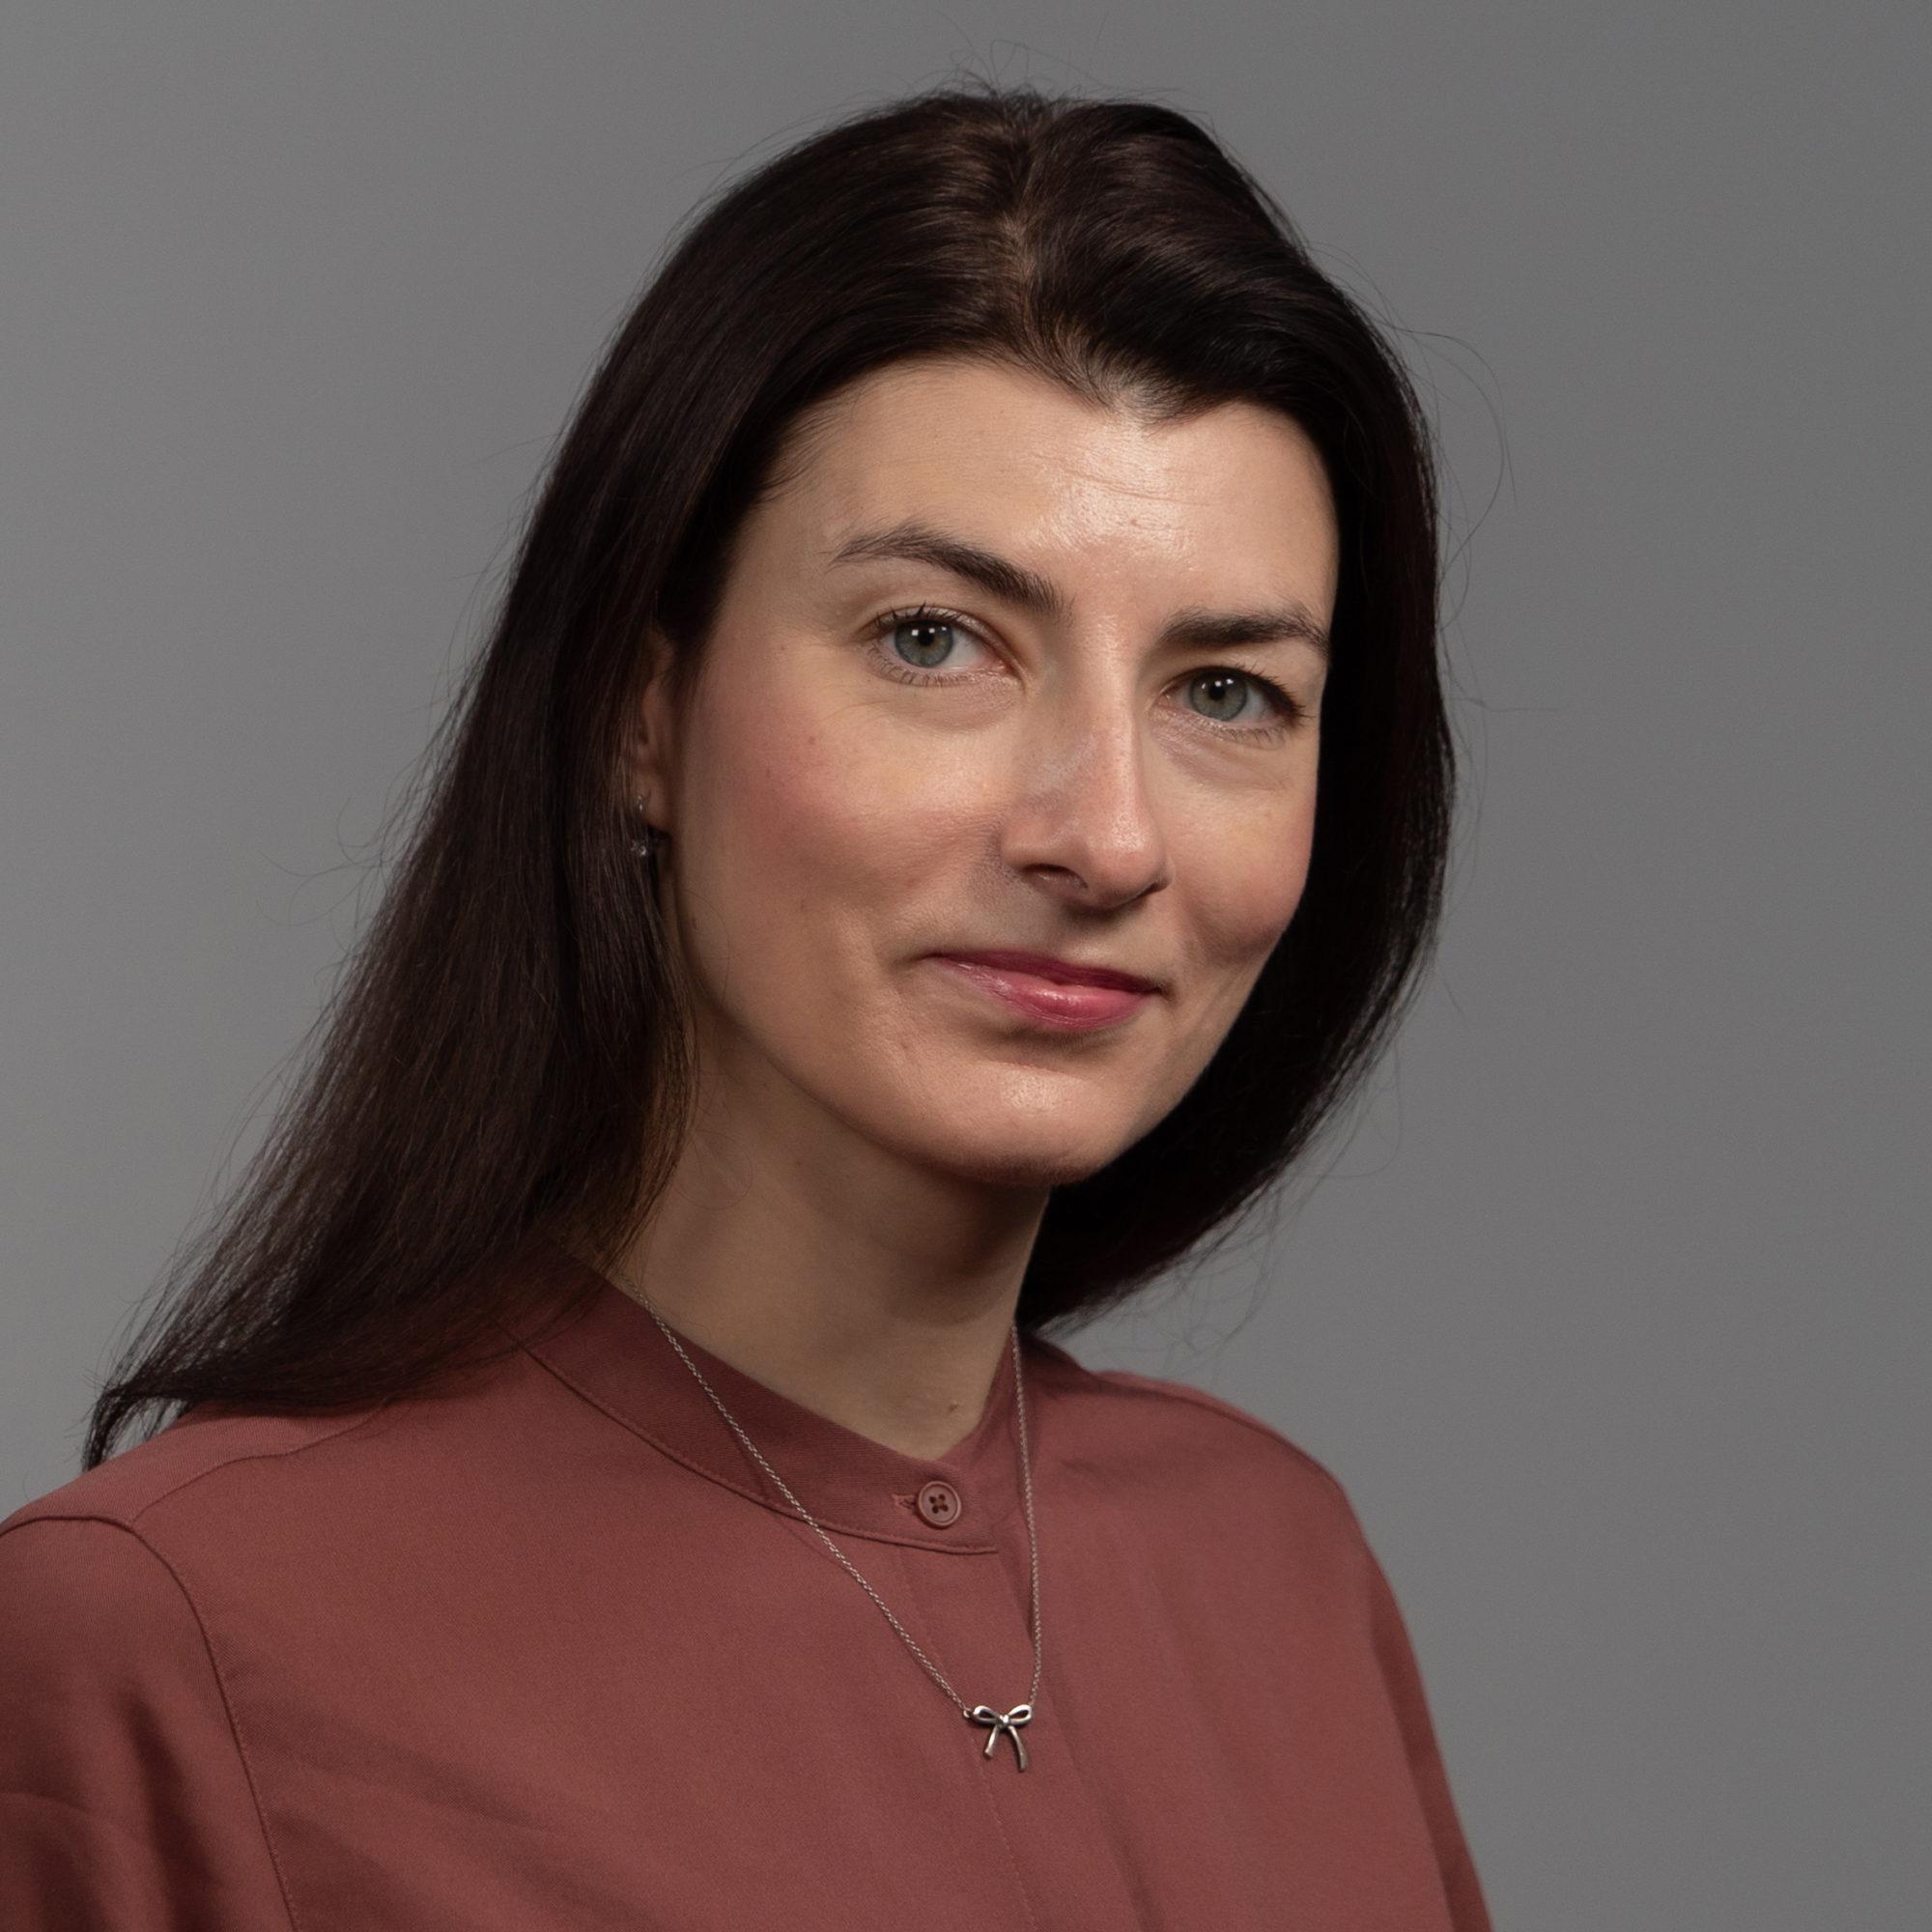 Смирнова Полина Викторовна